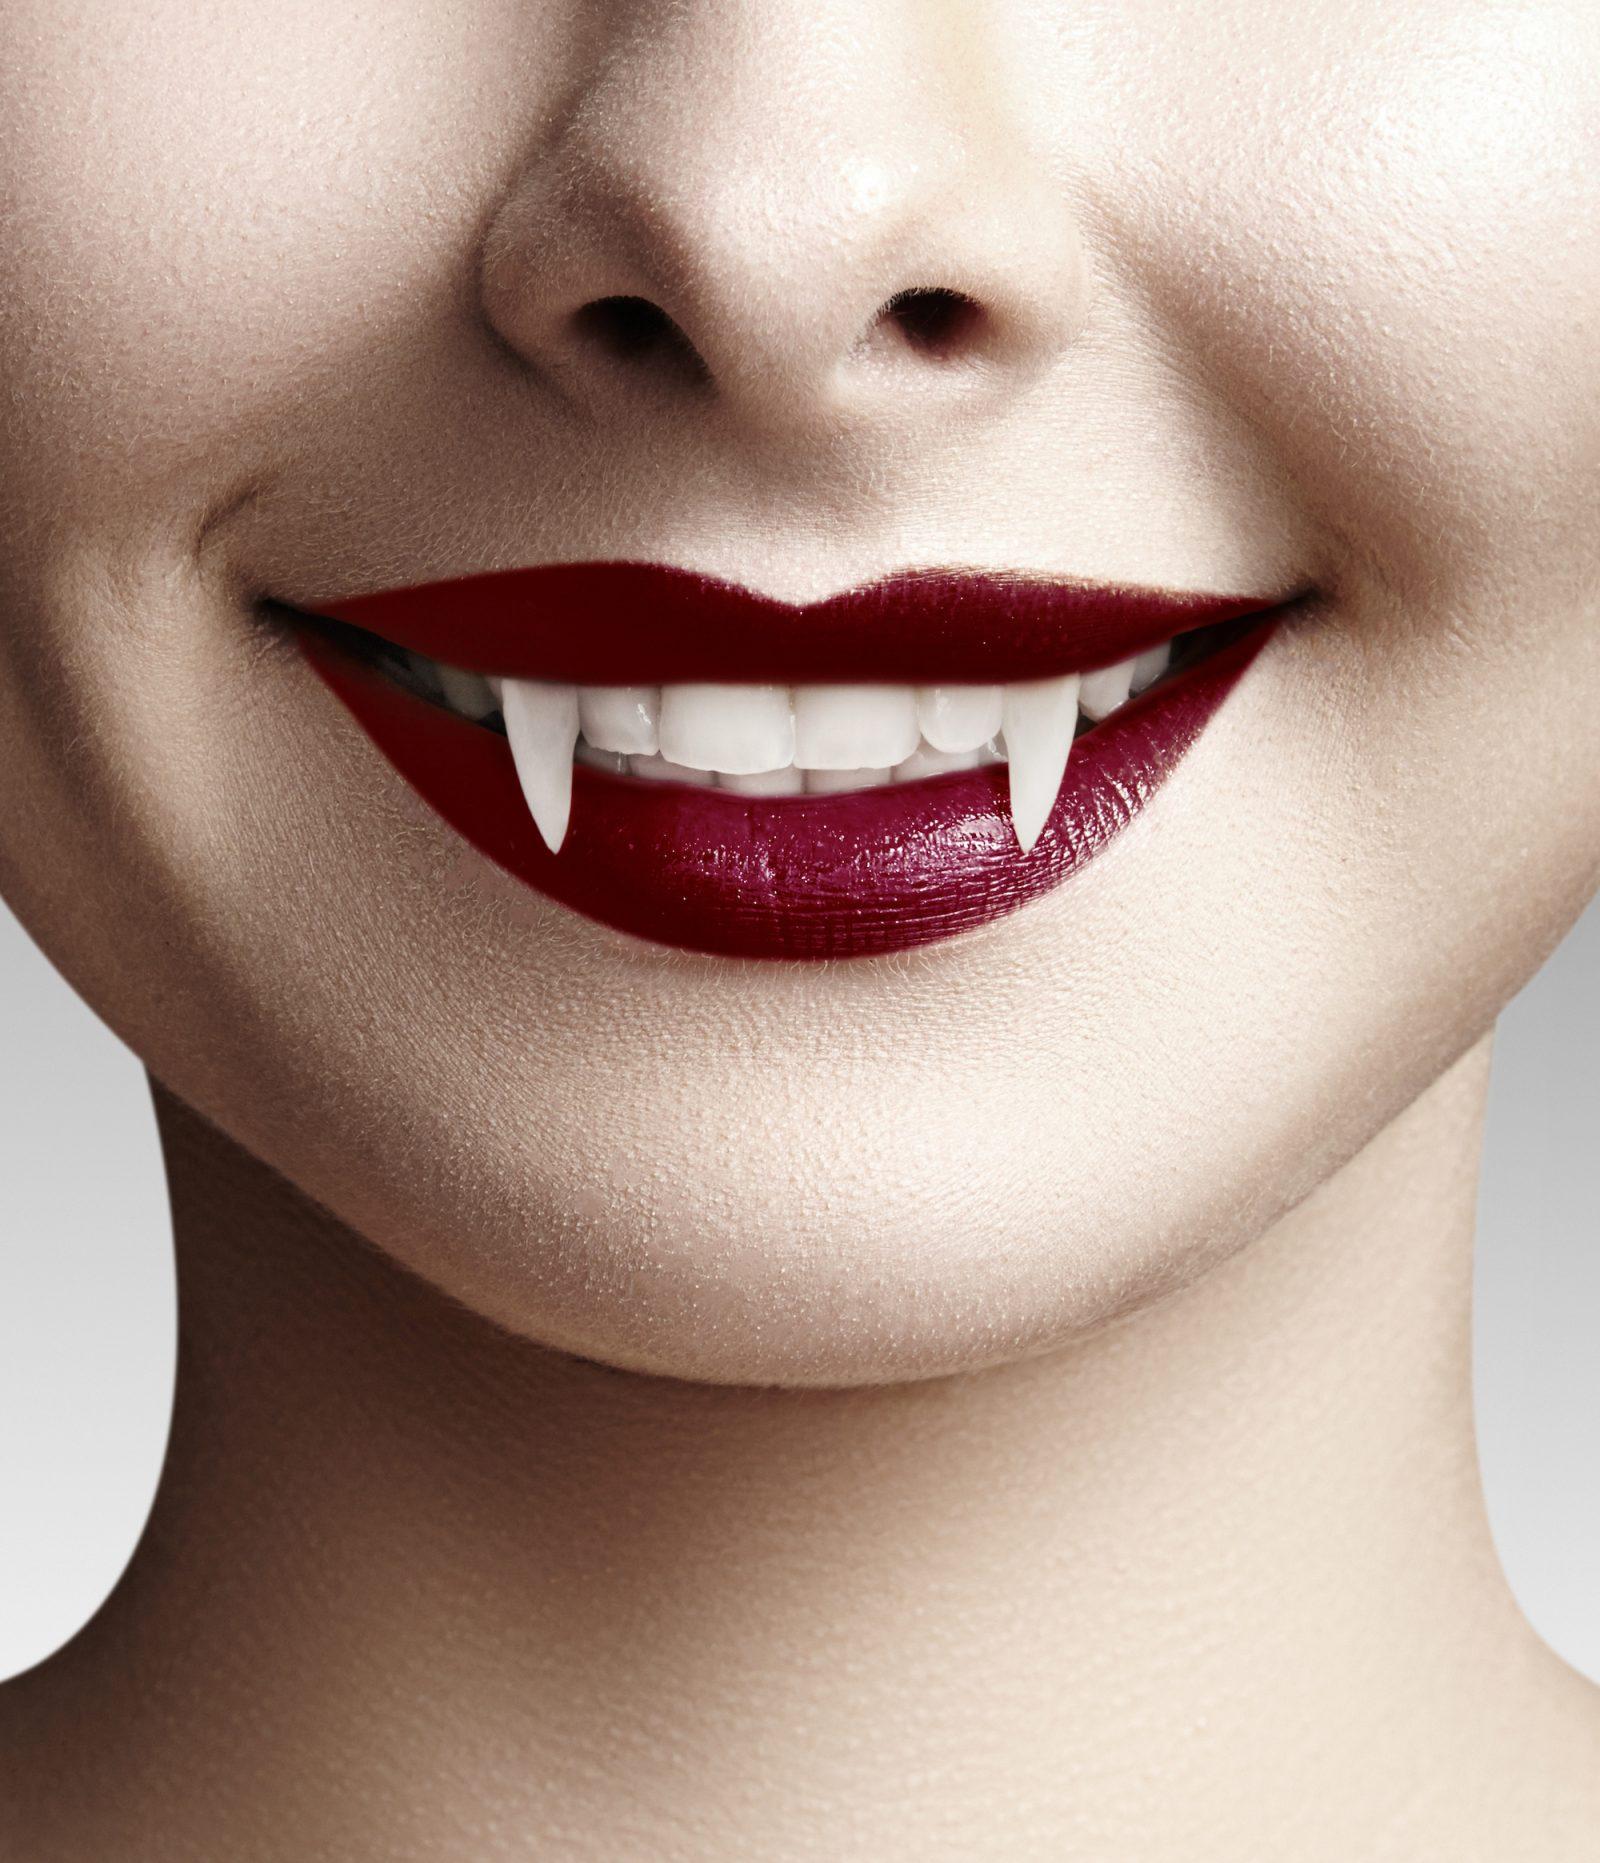 características de los vampiros